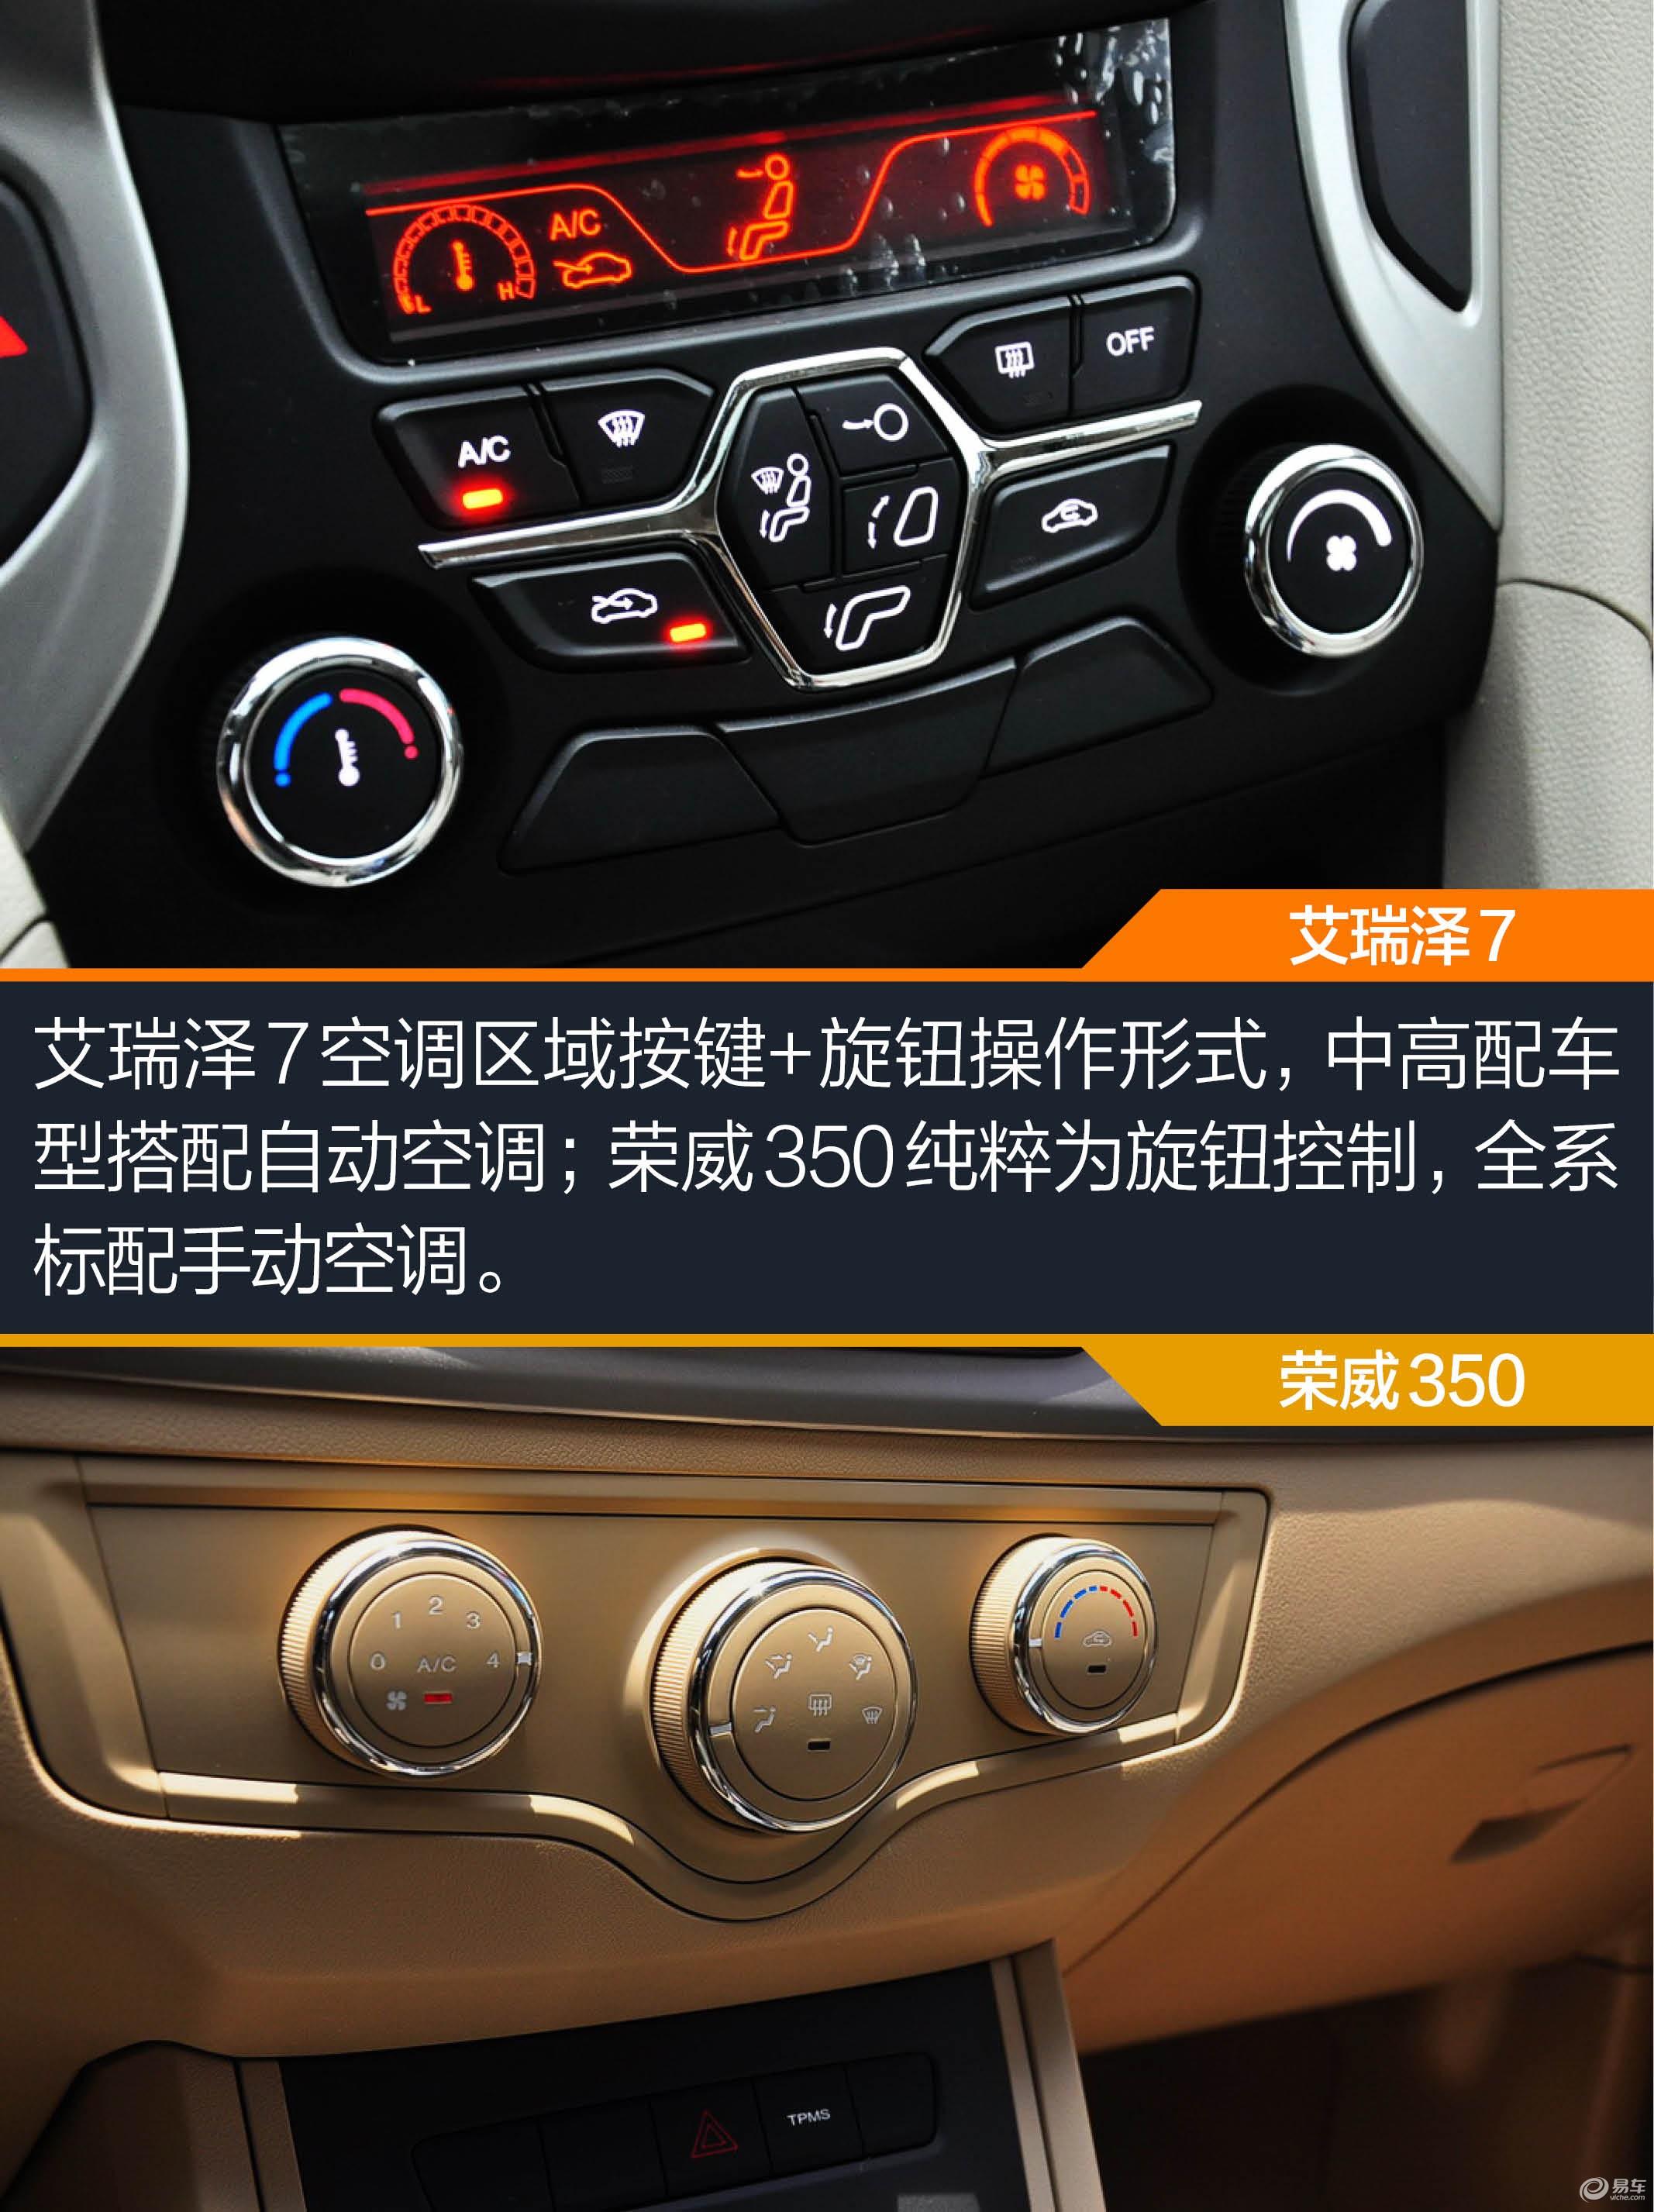 艾瑞泽7对荣威350 艾瑞泽7配置更丰富高清图片